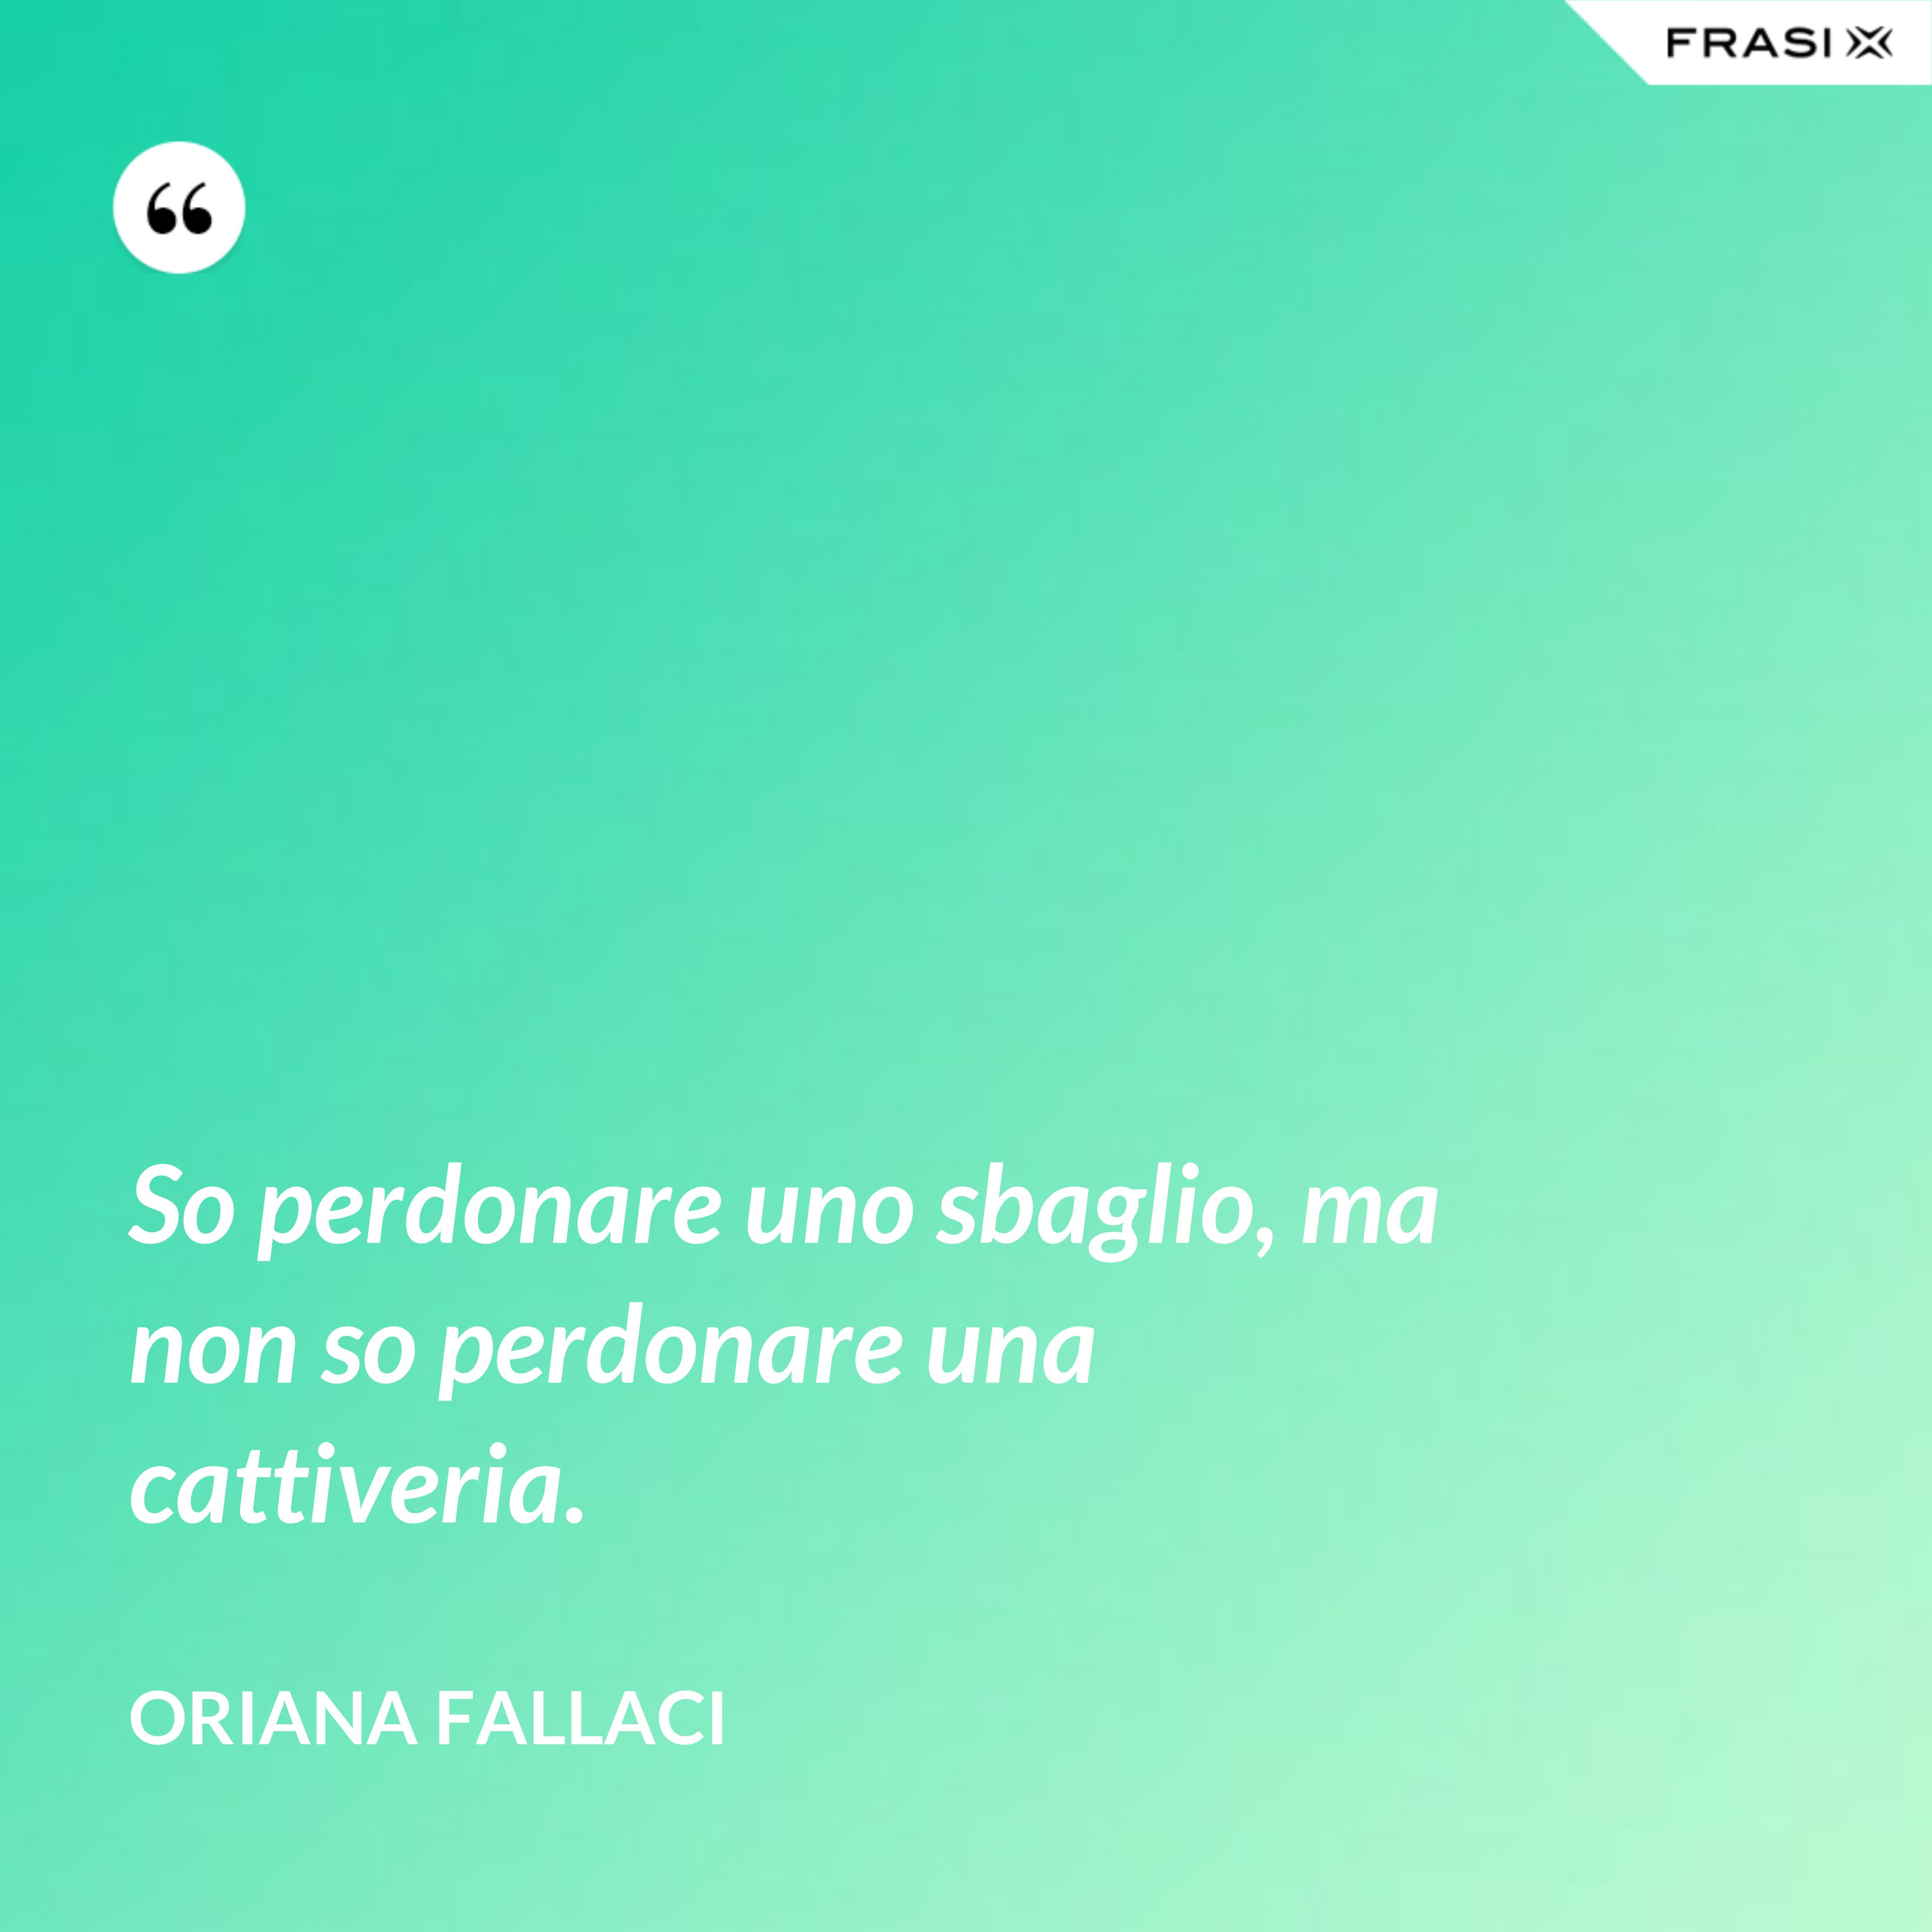 So perdonare uno sbaglio, ma non so perdonare una cattiveria. - Oriana Fallaci